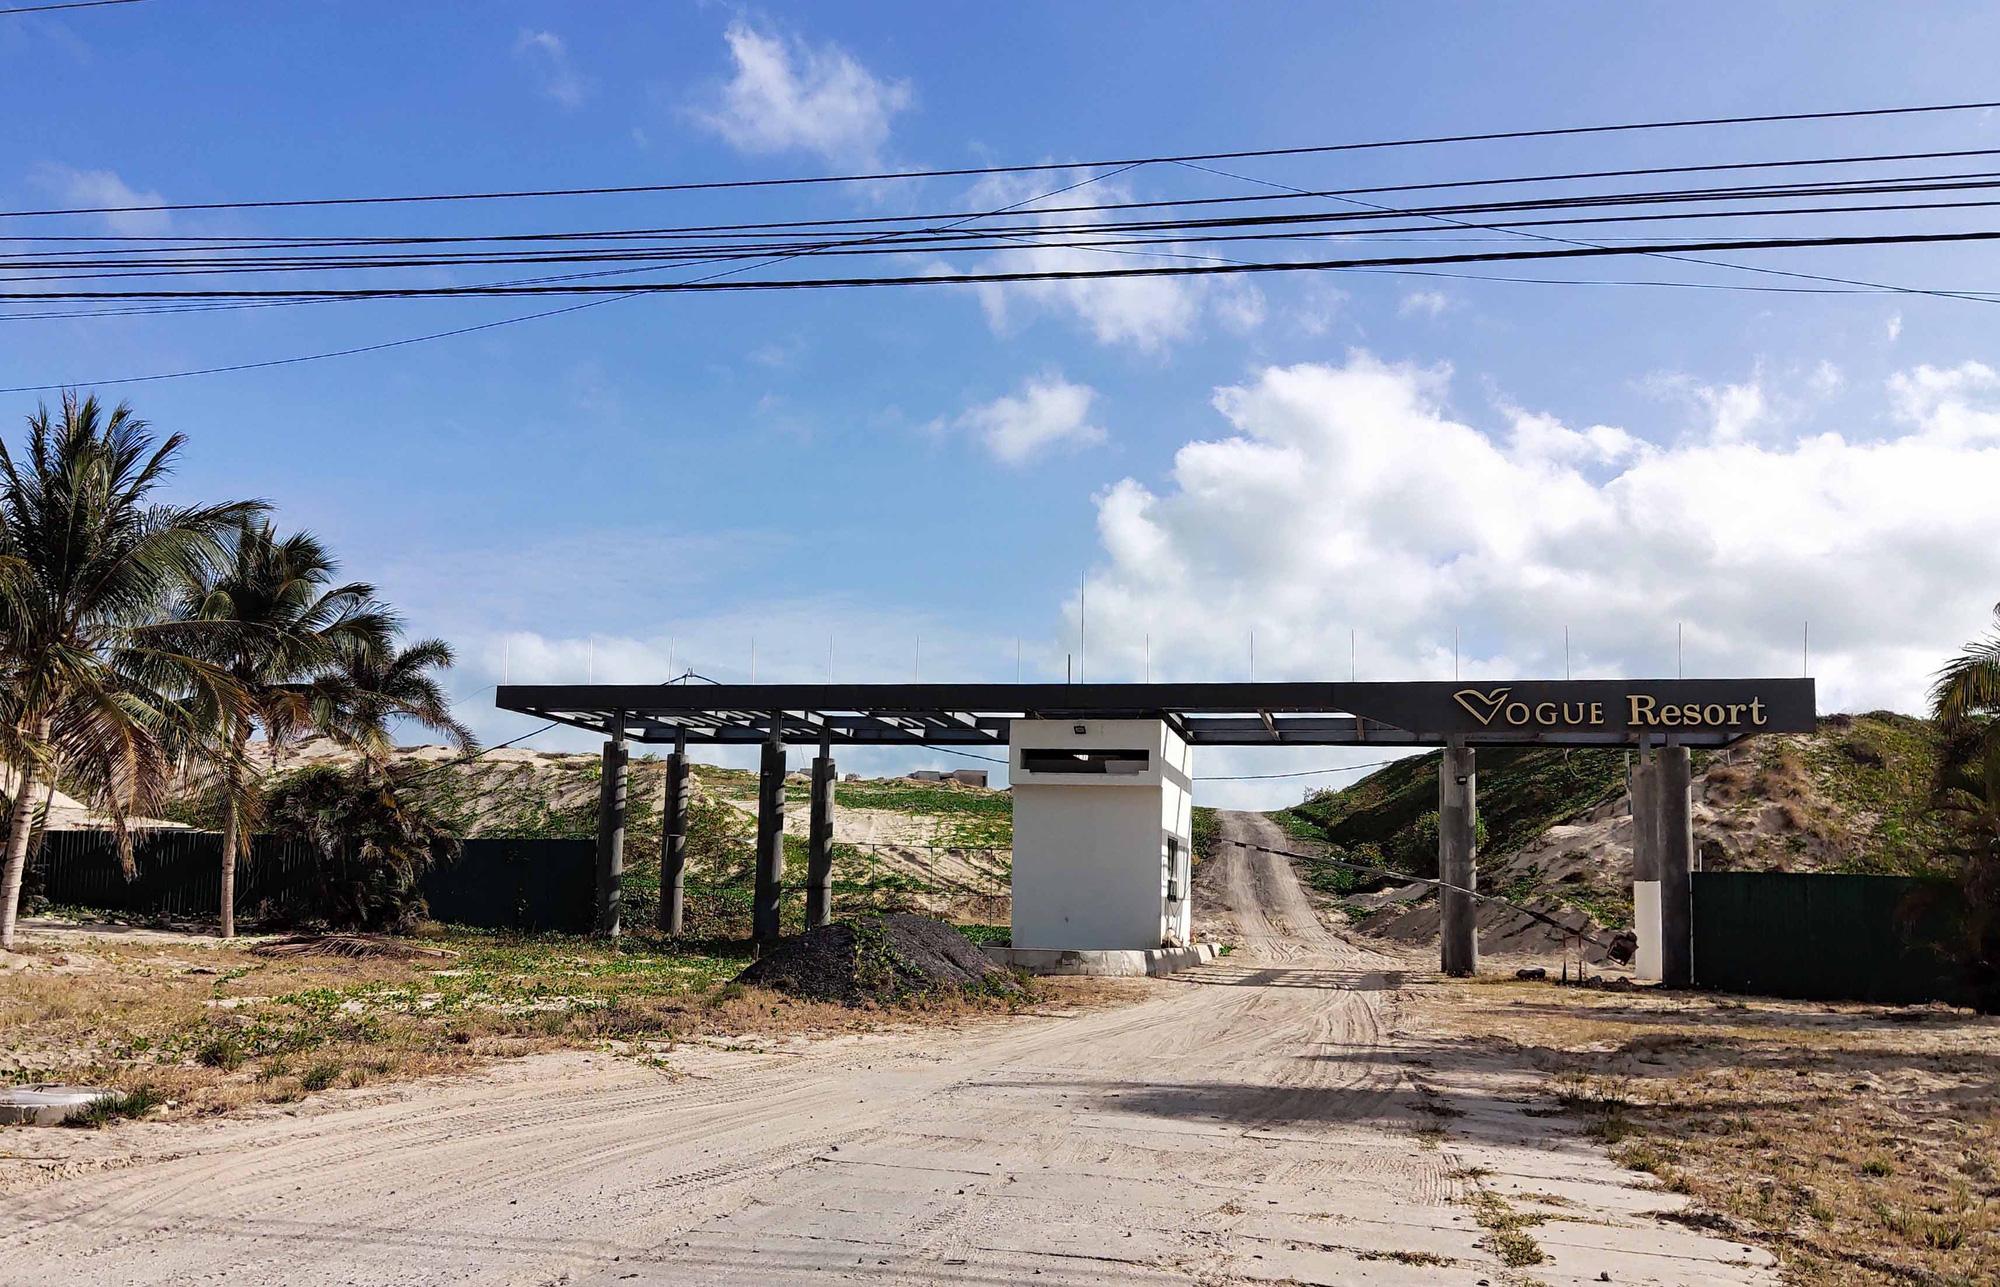 KDL Bắc bán đảo Cam Ranh: Hàng loạt dự án chuyển đổi đất thương mại dịch vụ sang đất ở không hình thành đơn vị ở - Ảnh 4.